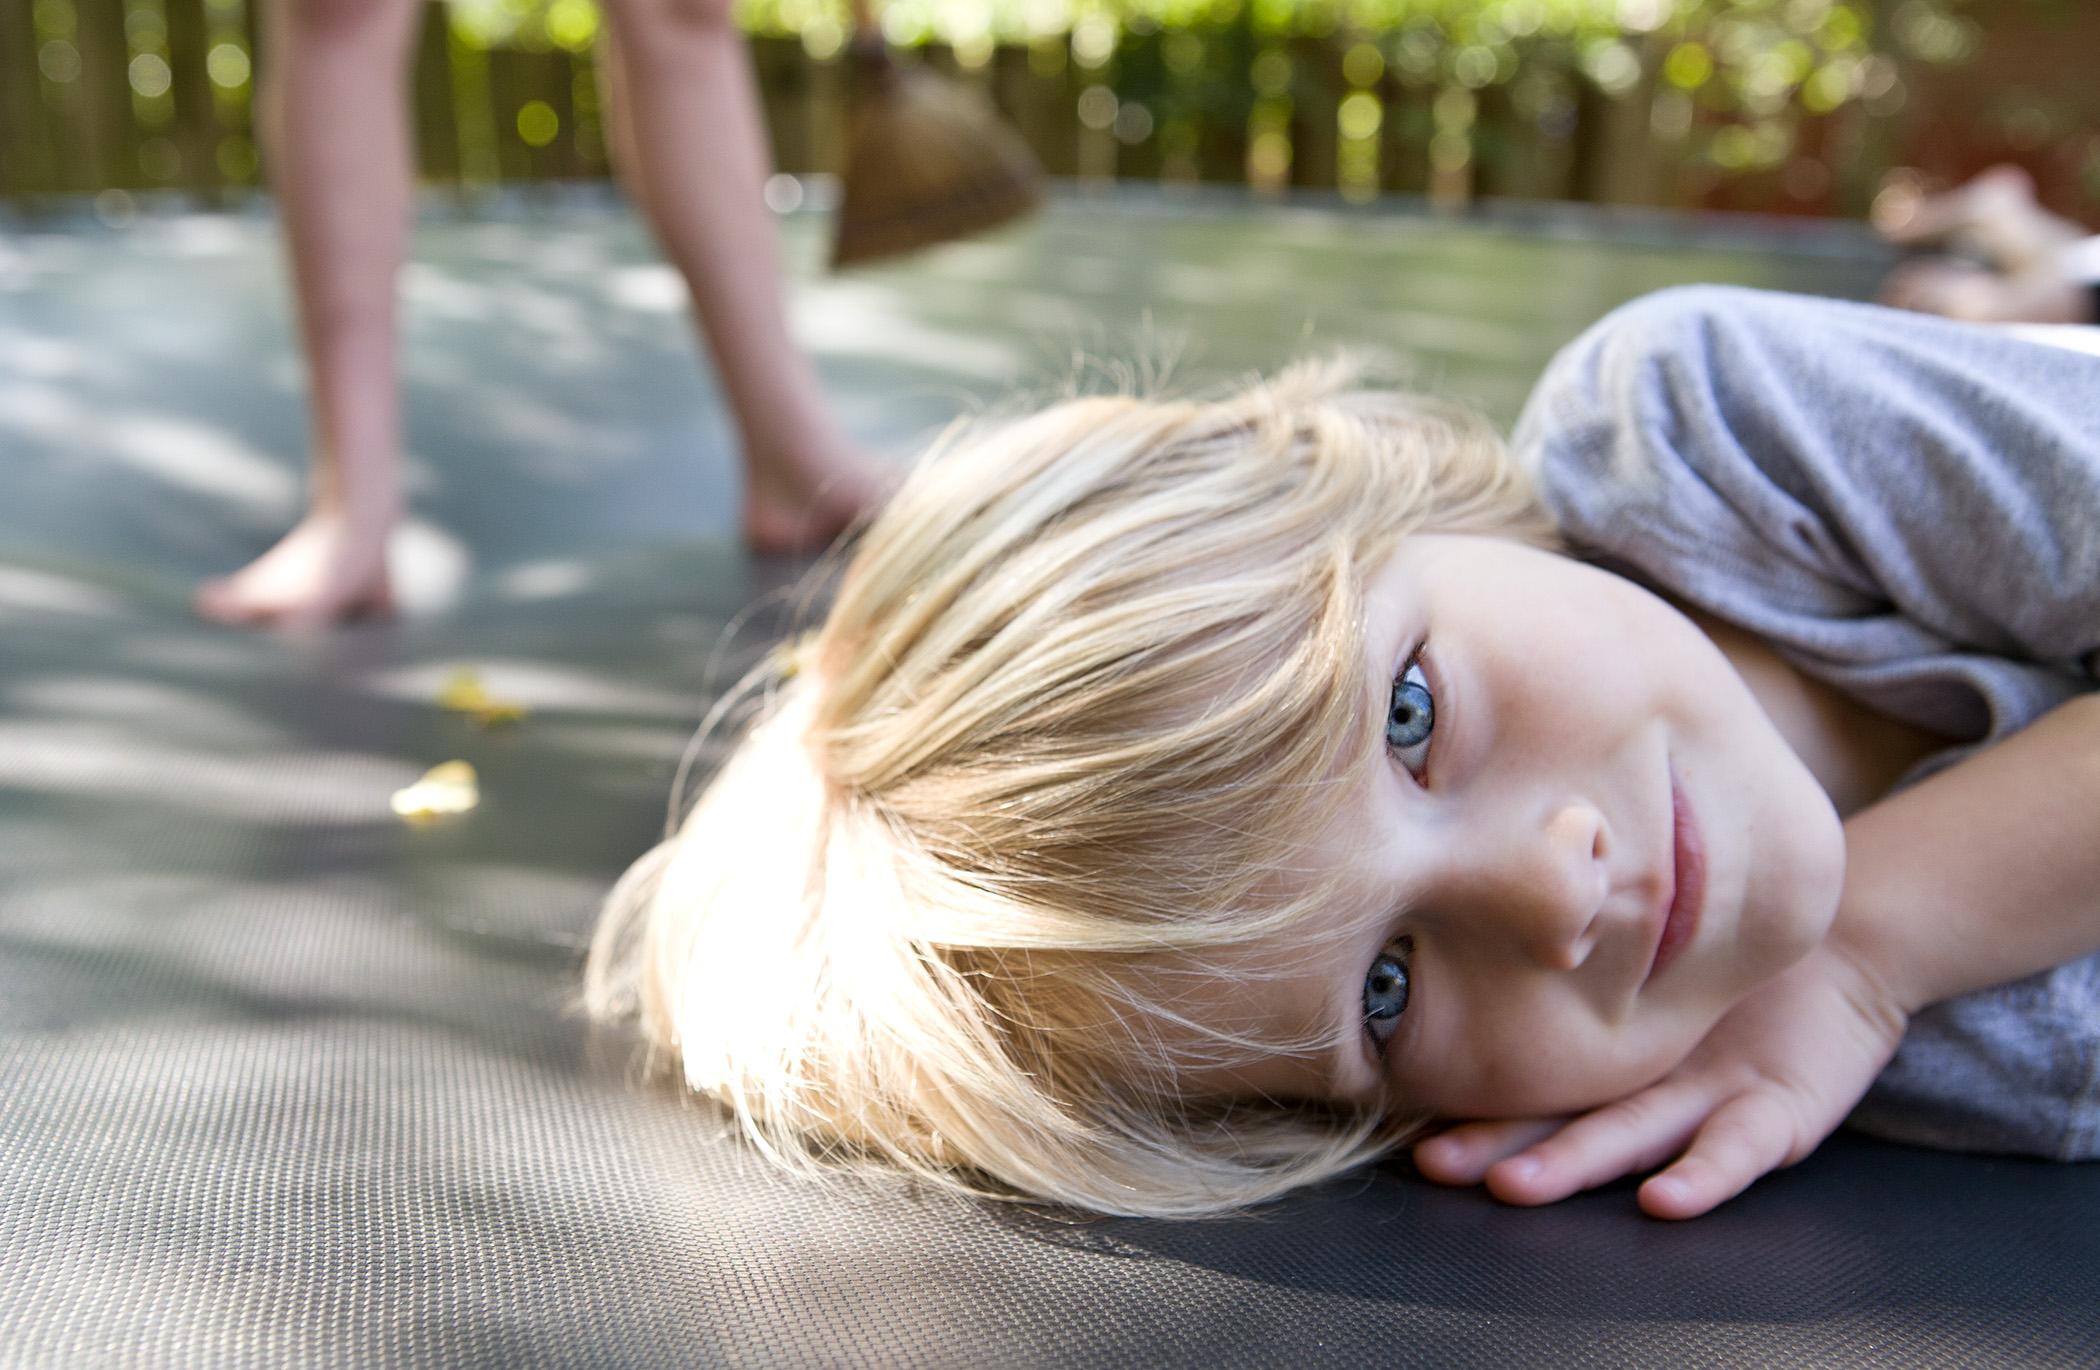 trampoline_0330.F.jpg